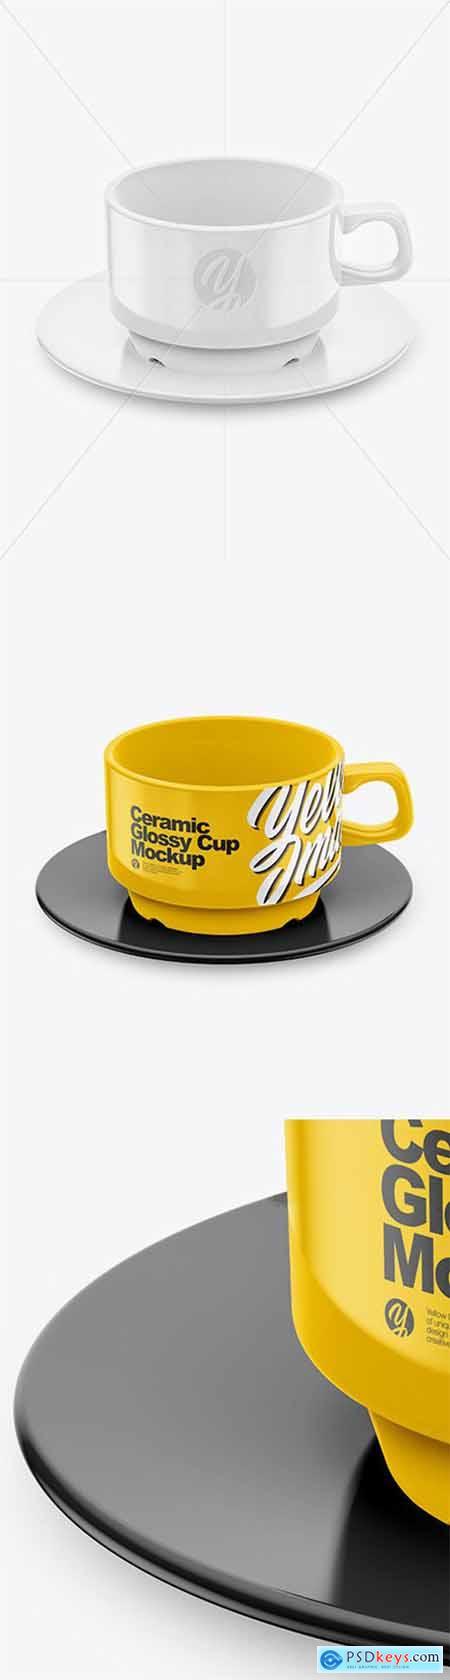 Glossy Cup & Saucer Mockup (High-Angle Shot) 65155